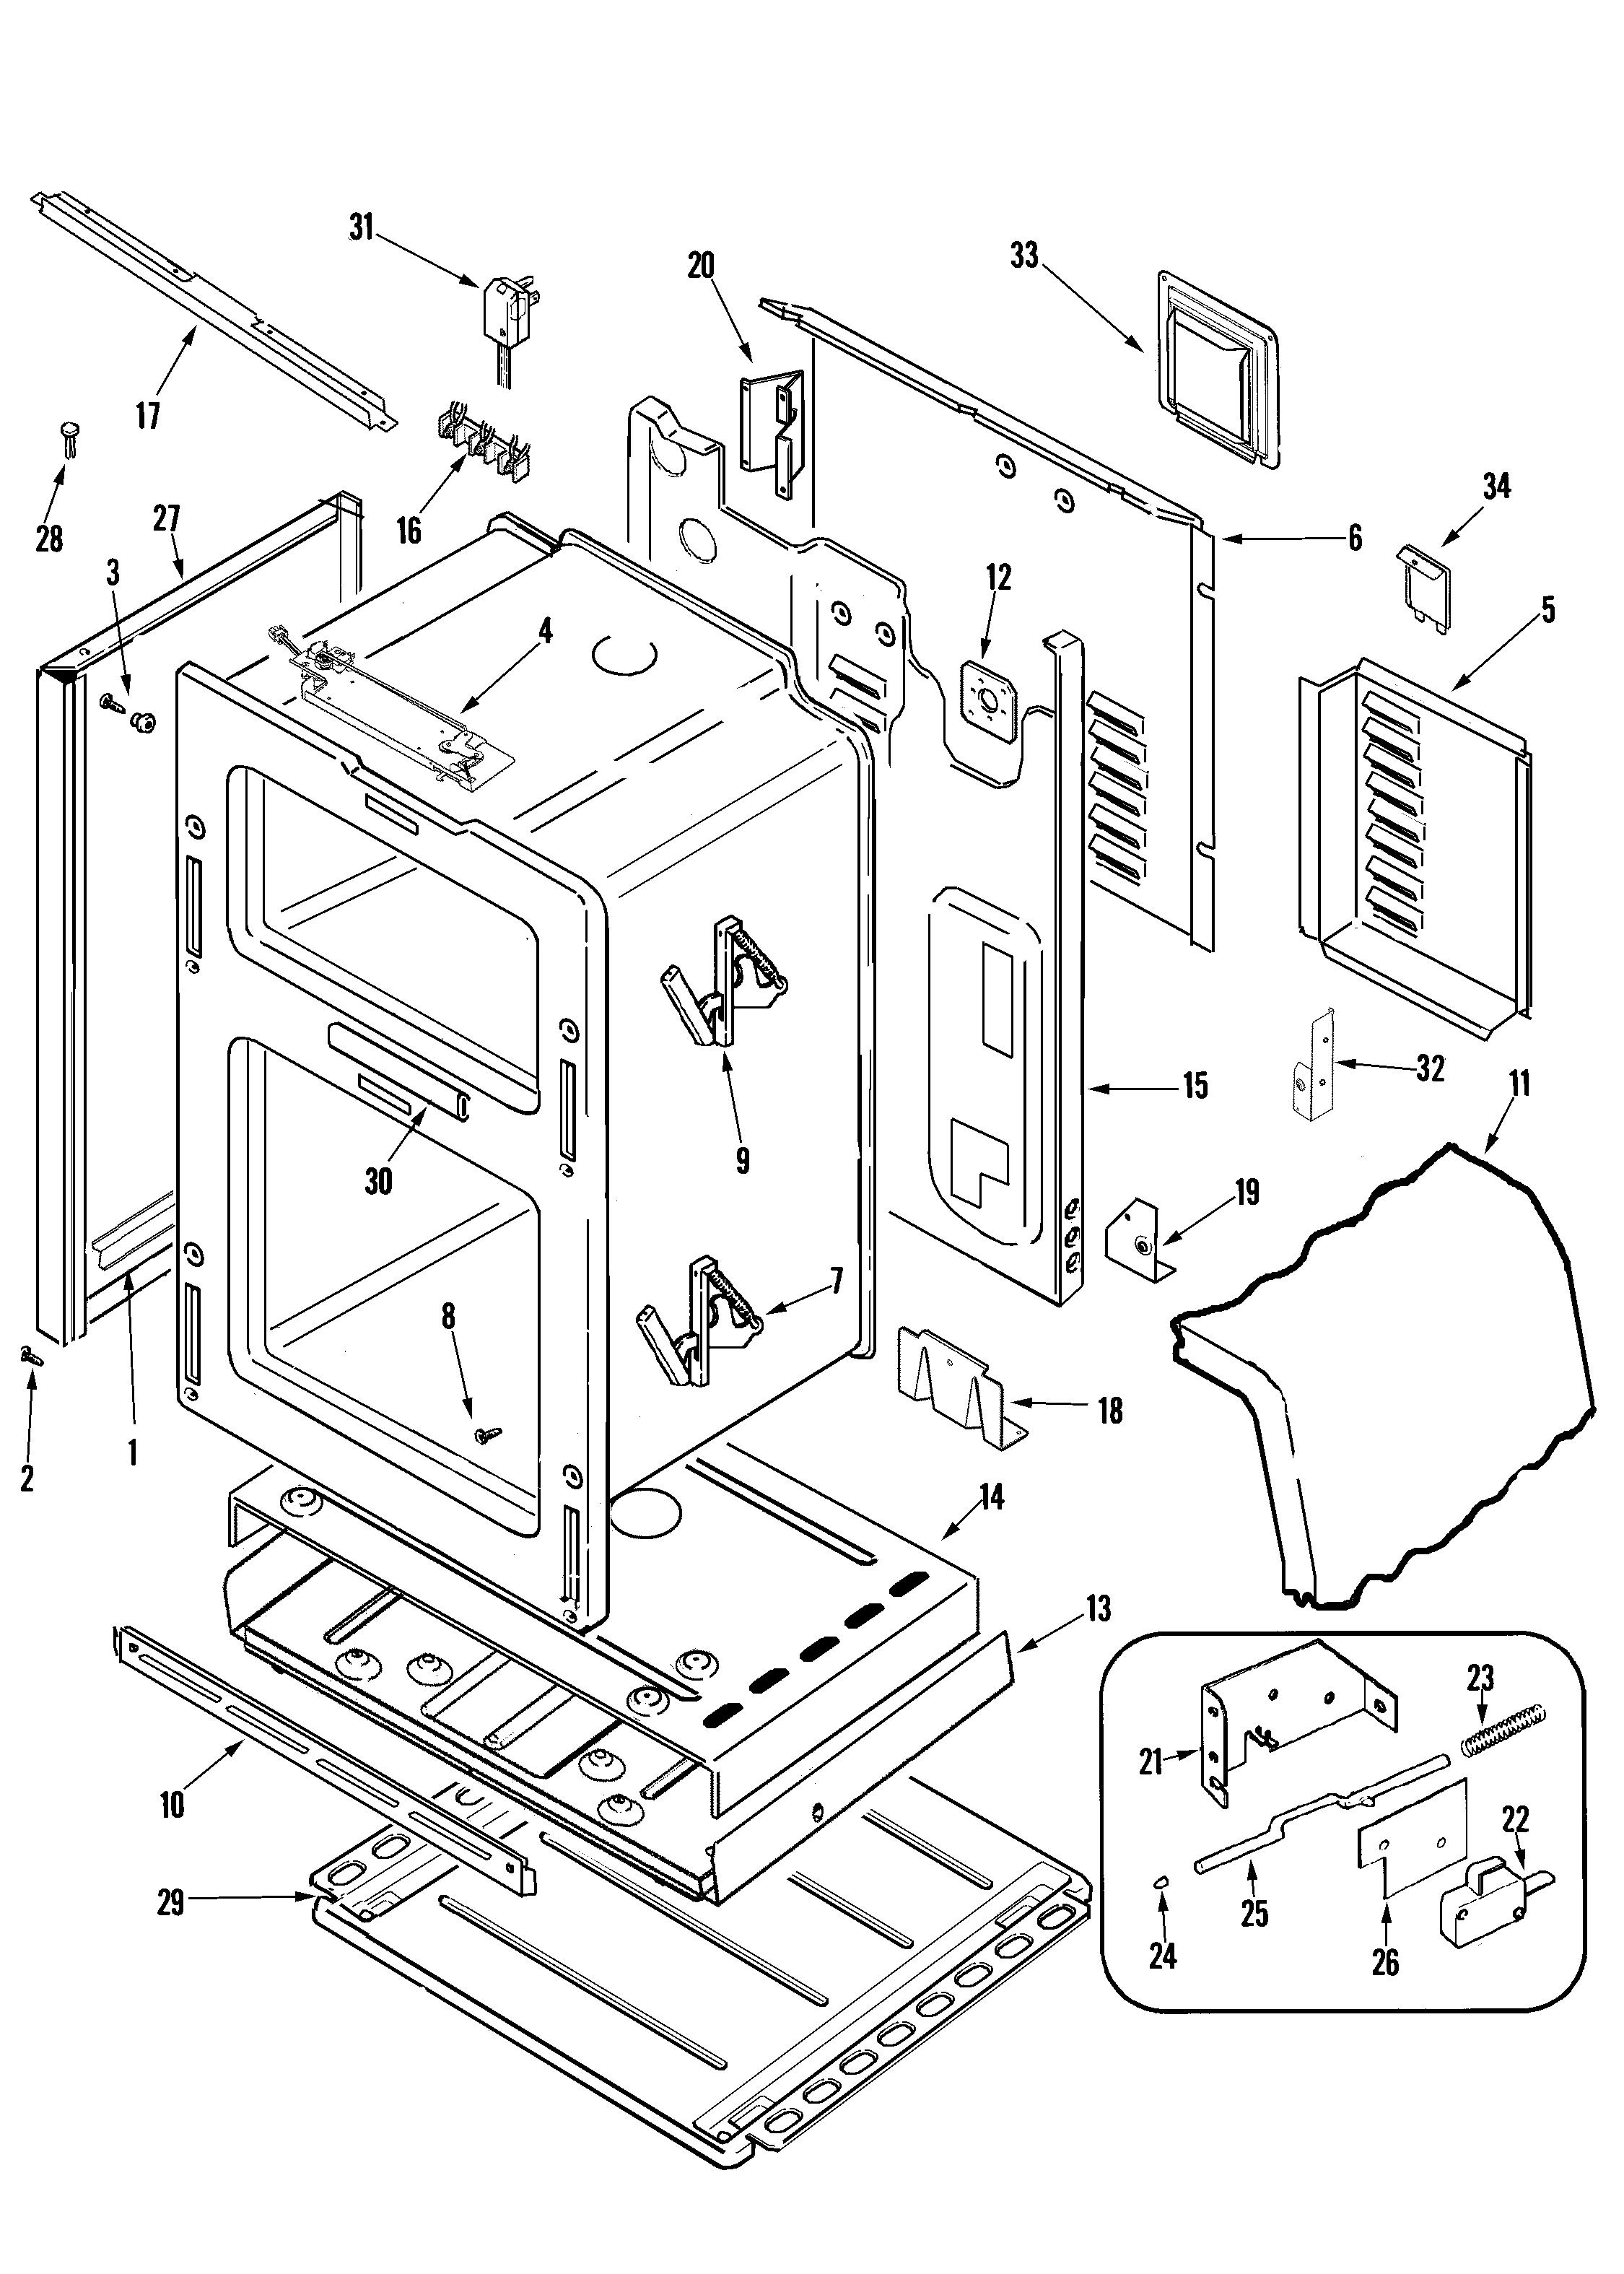 VY_9039] Neff Double Oven Wiring Diagram Free DiagramVenet Hutpa Otene Oliti Hapolo Mohammedshrine Librar Wiring 101